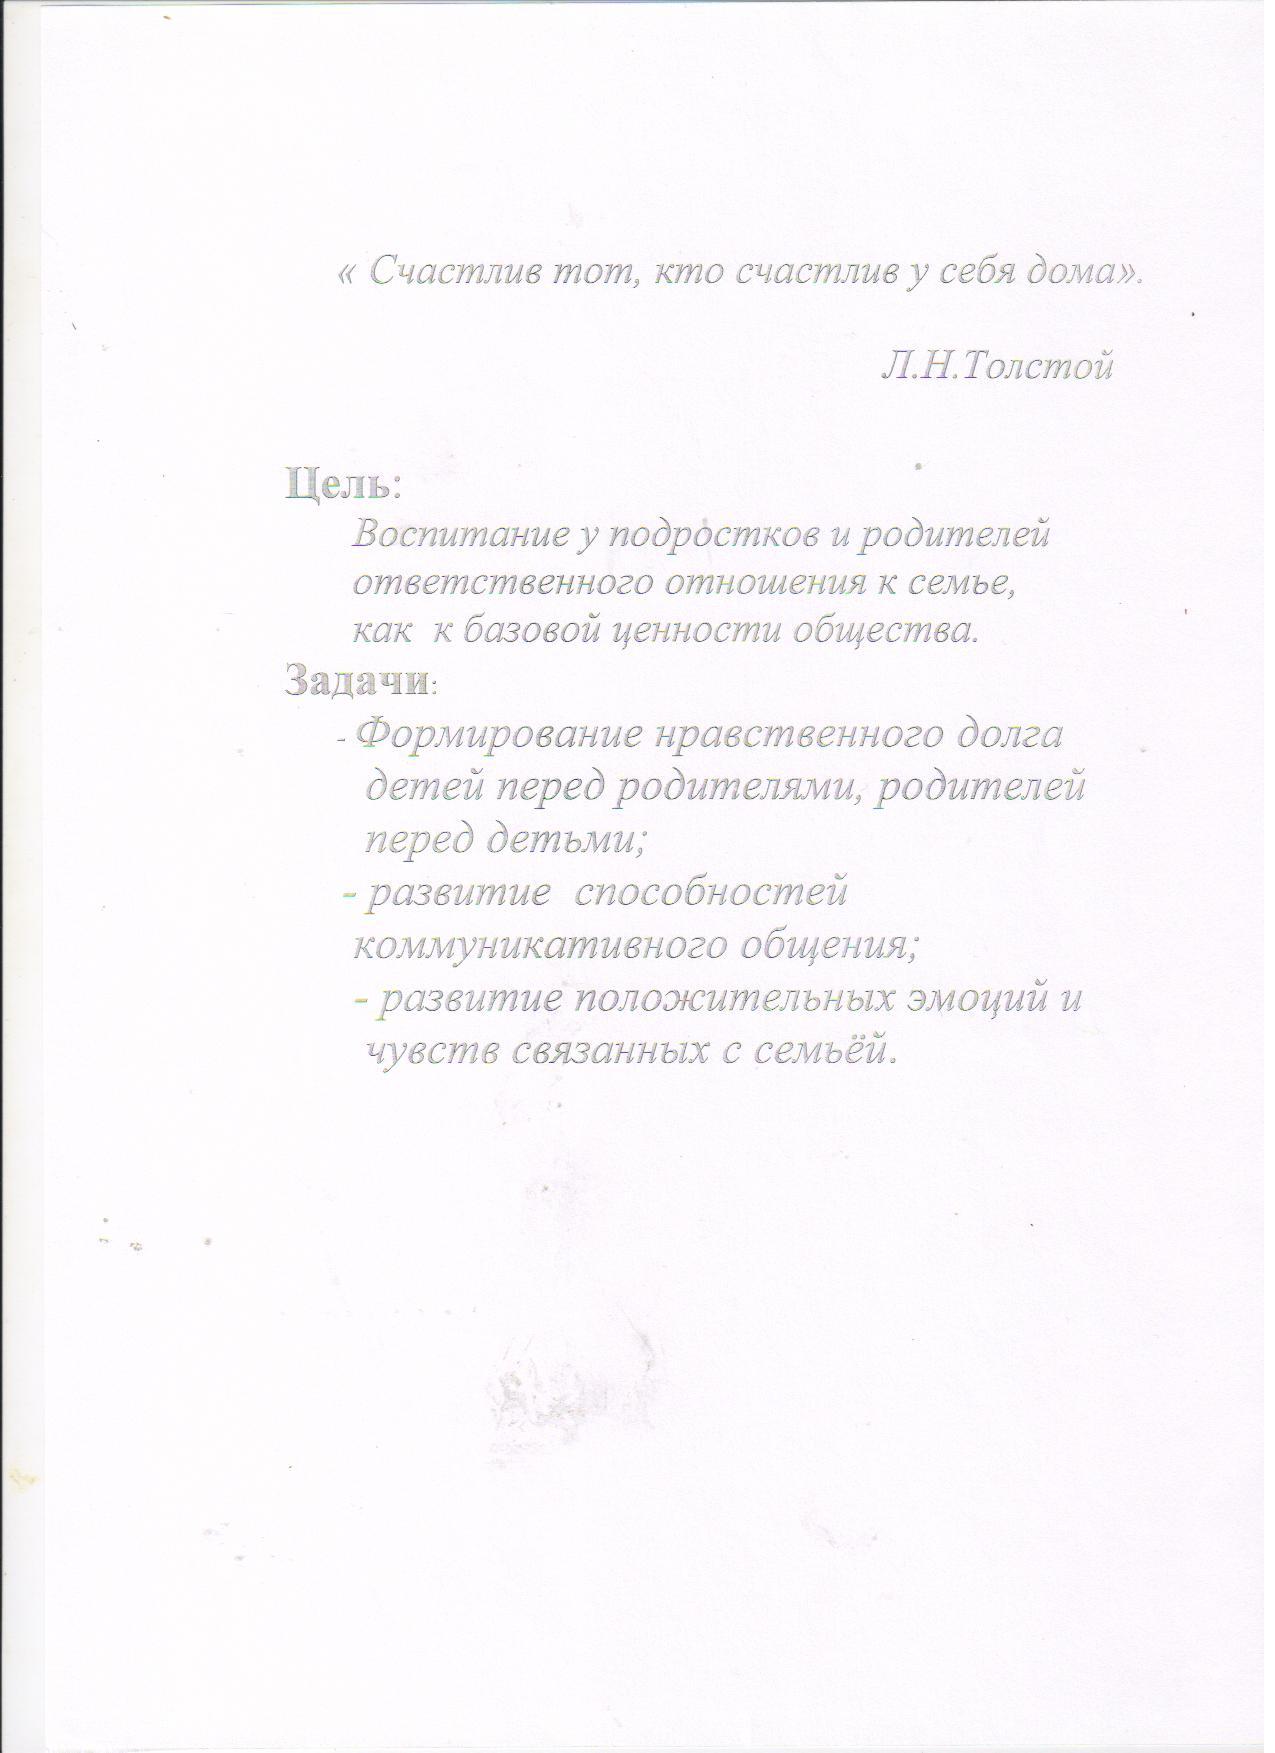 C:\Documents and Settings\Пользователь\Рабочий стол\сканирование\Изображение 032.jpg